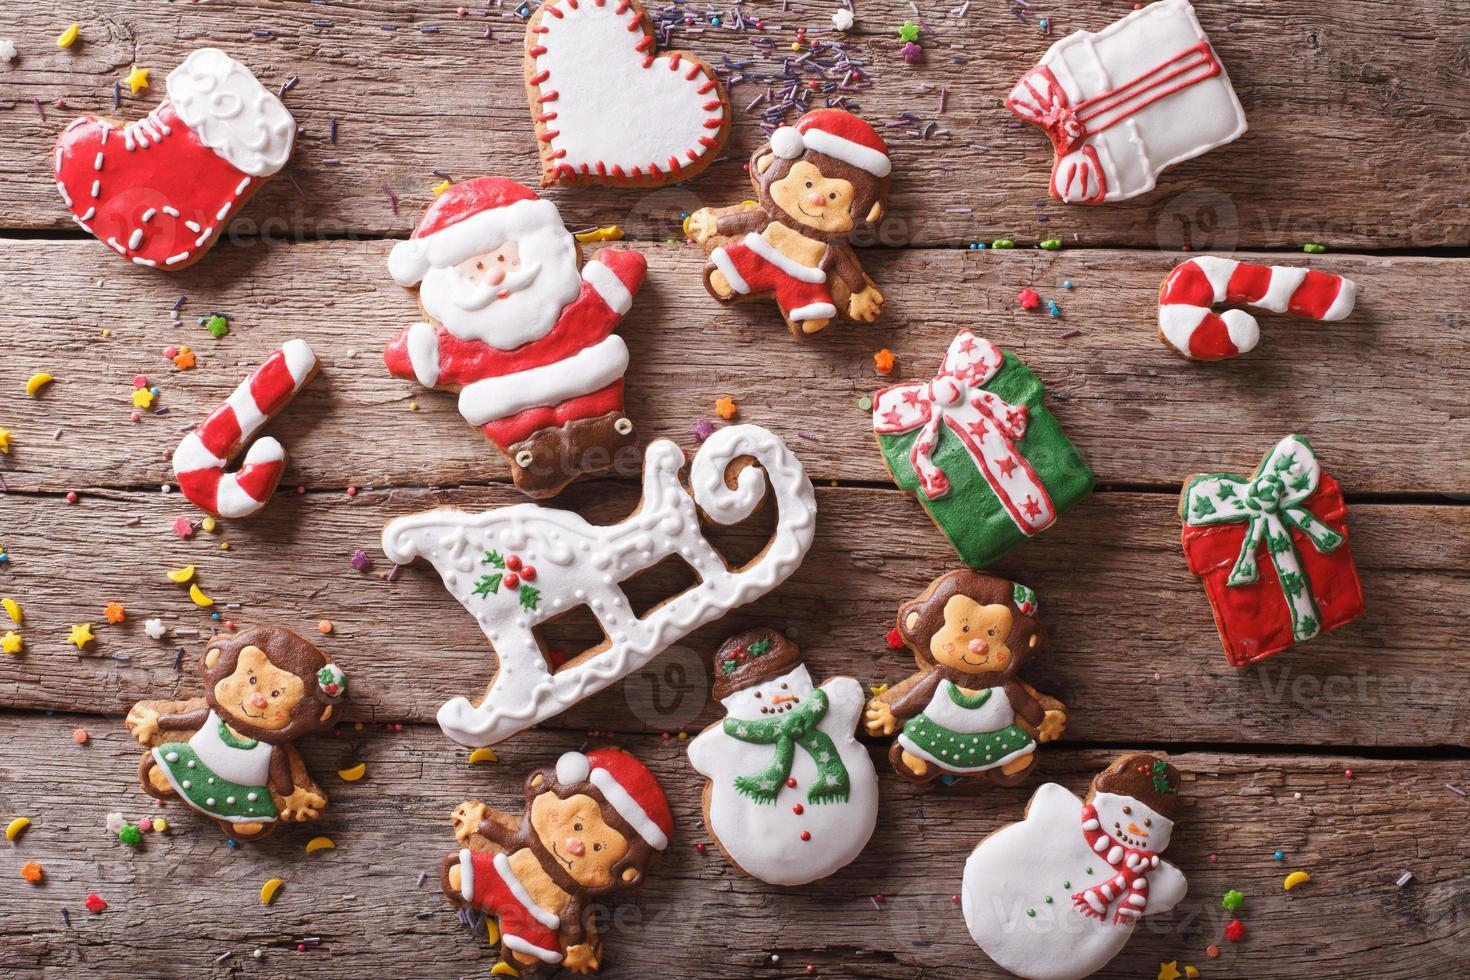 biscoitos de gengibre de Natal em um close-up da mesa. horizontal para foto